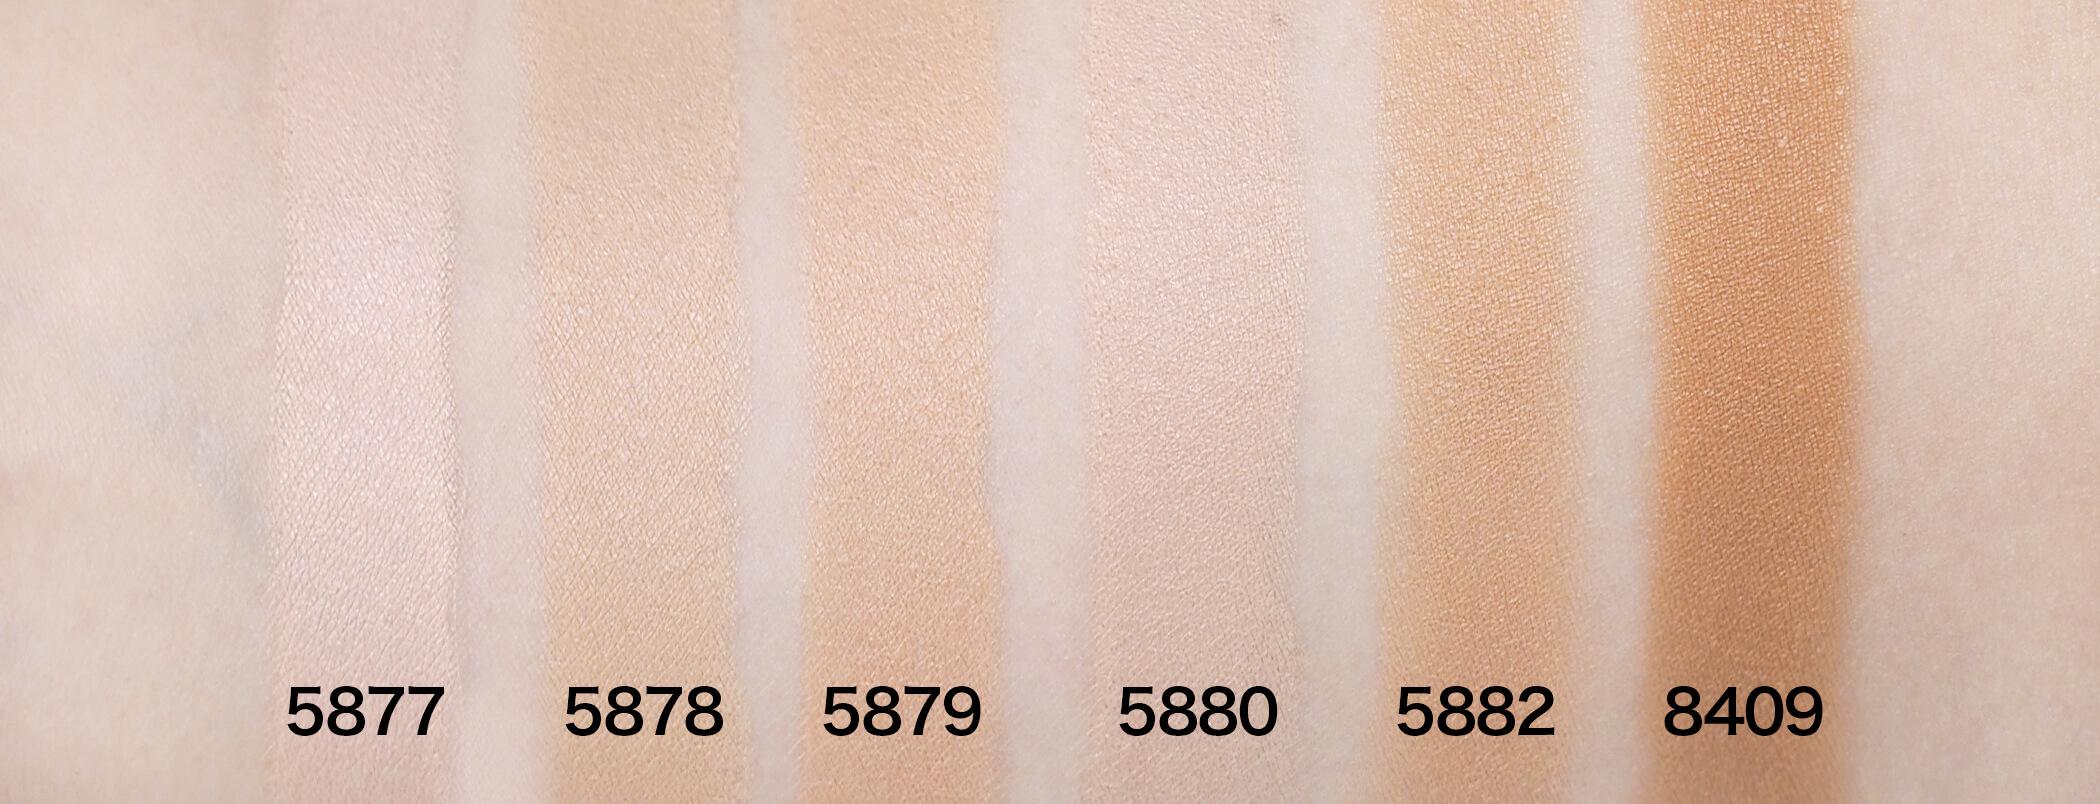 クッション ファンデ nars 【徹底比較】nars(ナーズ)クッションファンデの色選びのコツを紹介!